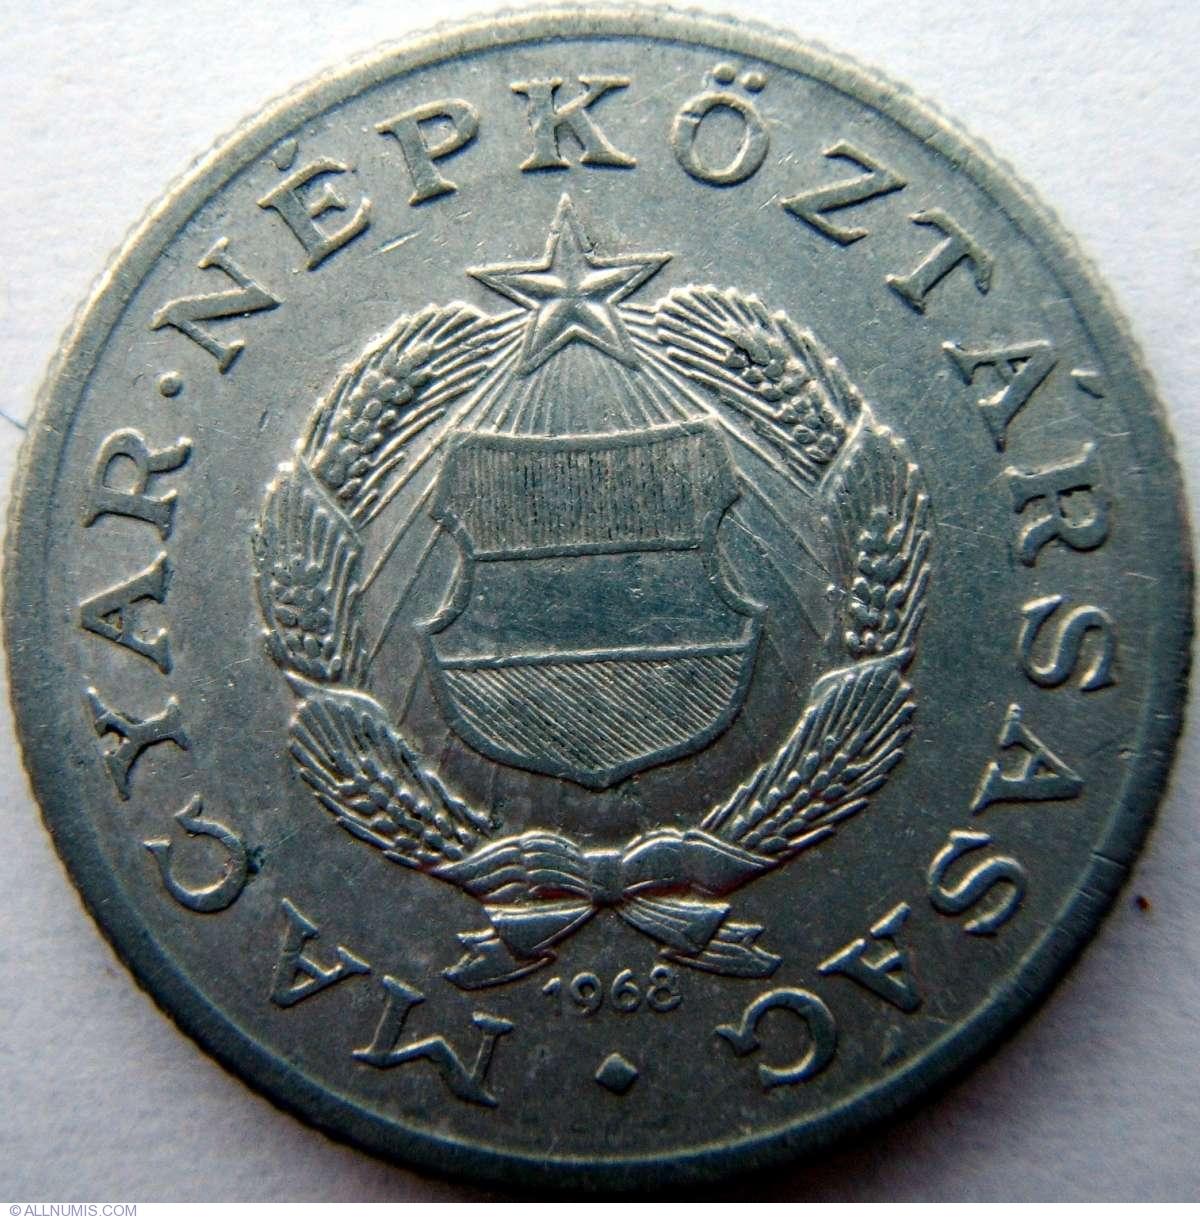 1 Forint 1968